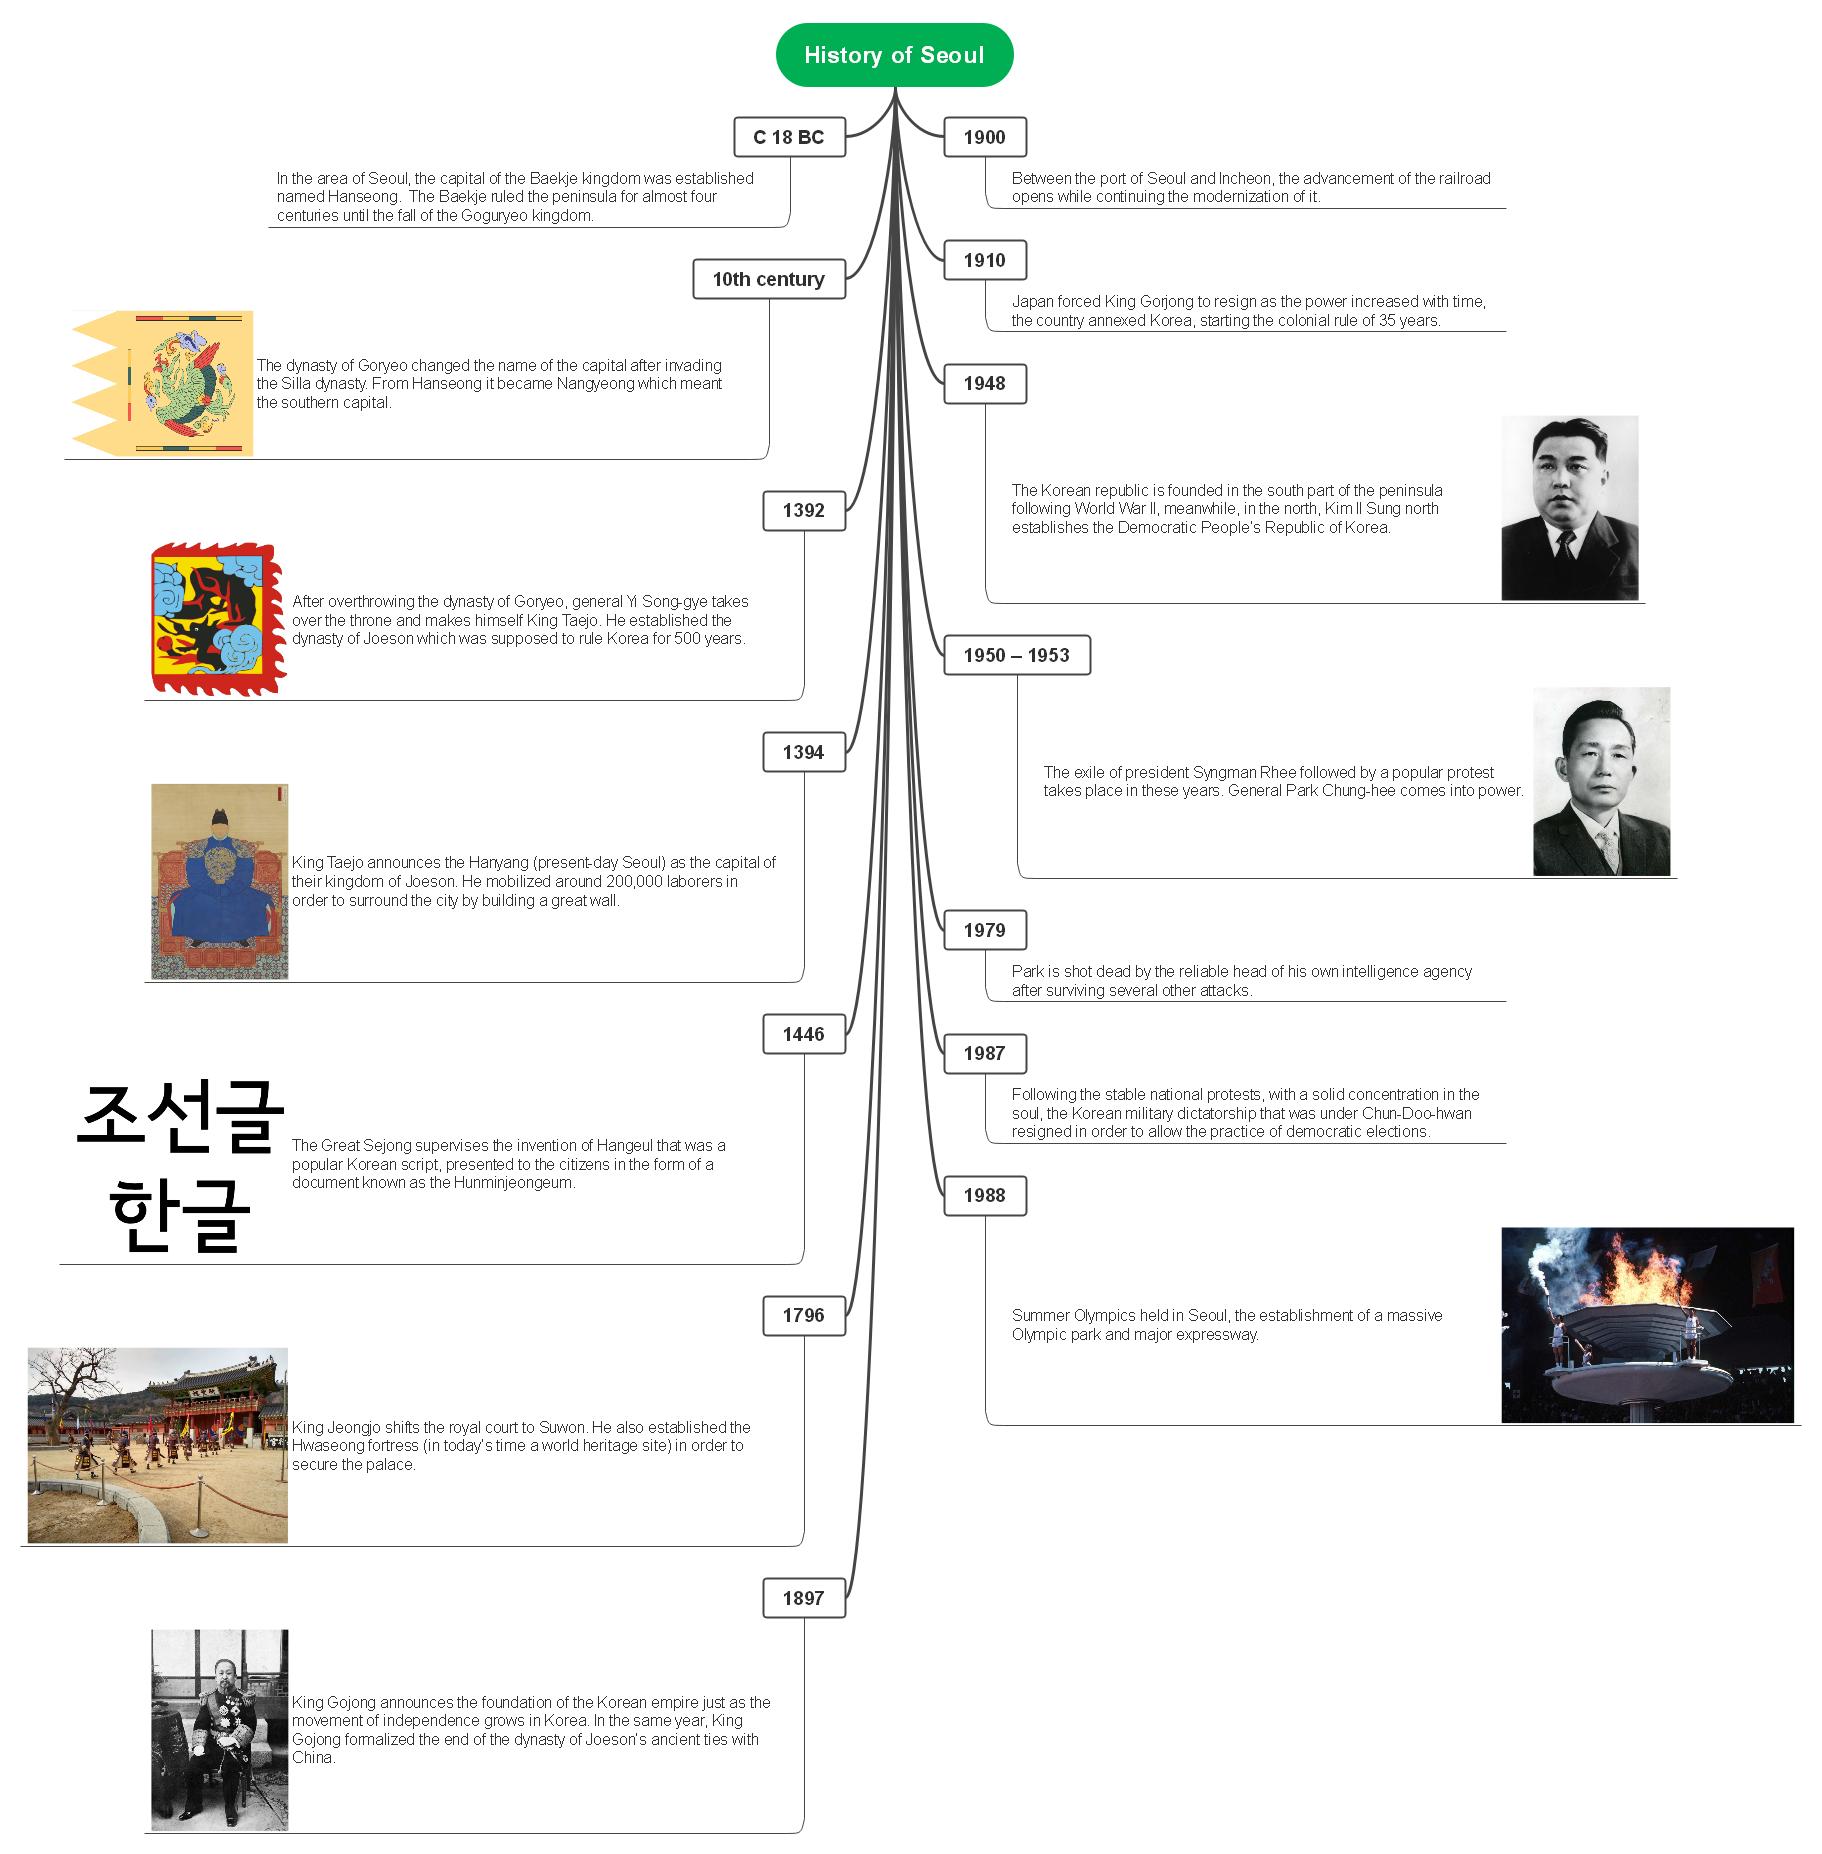 history-of-seoul